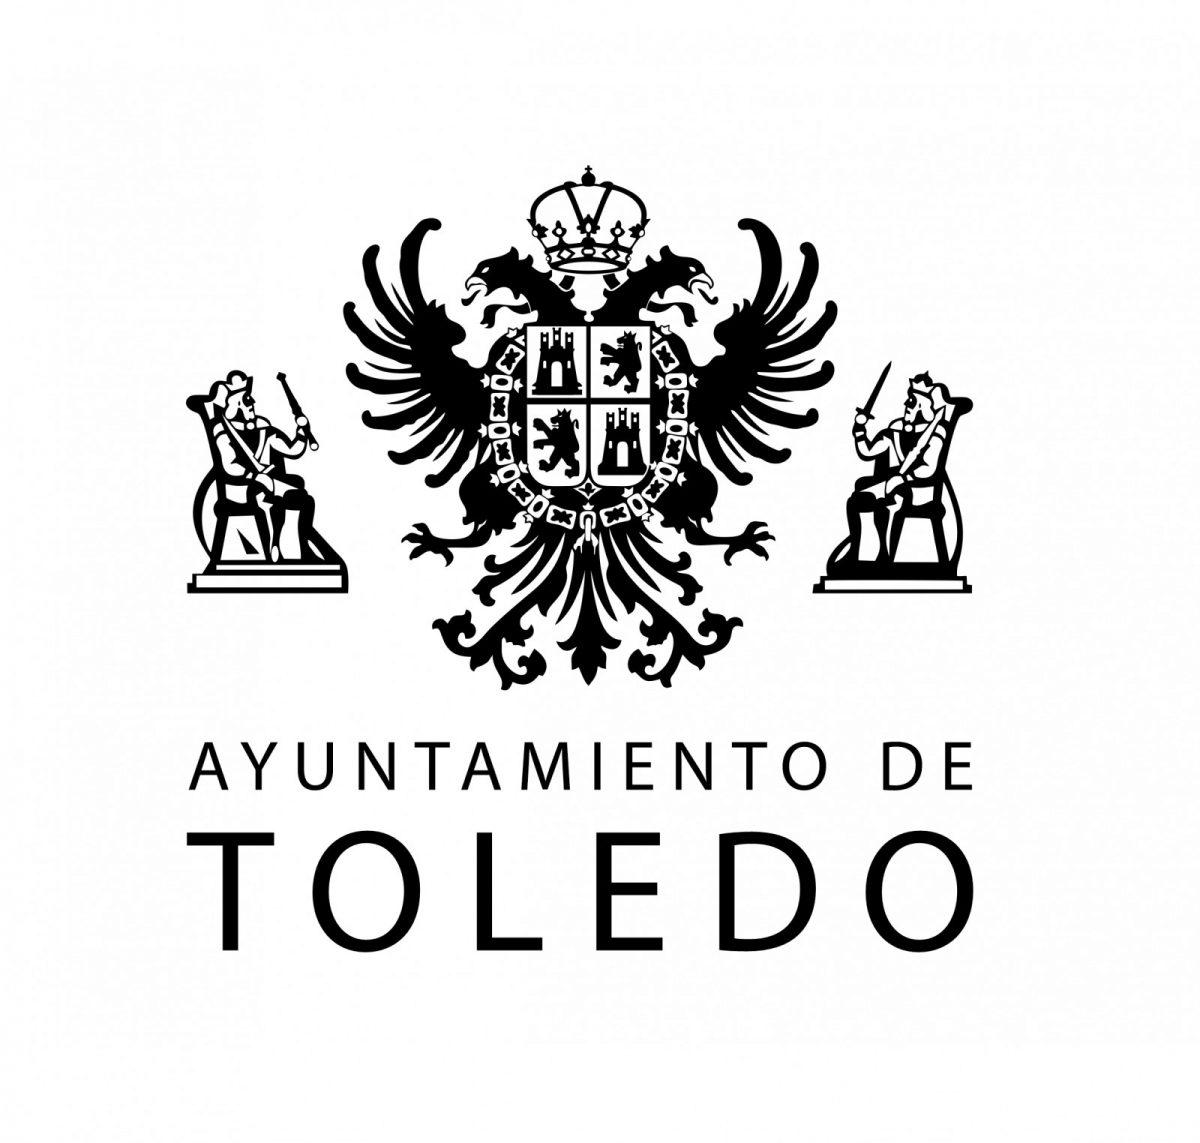 https://www.toledo.es/wp-content/uploads/2021/03/escudo-negro.jpg. La reacción social, única herramienta posible para avanzar hacia una sociedad igualitaria según el Consejo Local de la Mujer